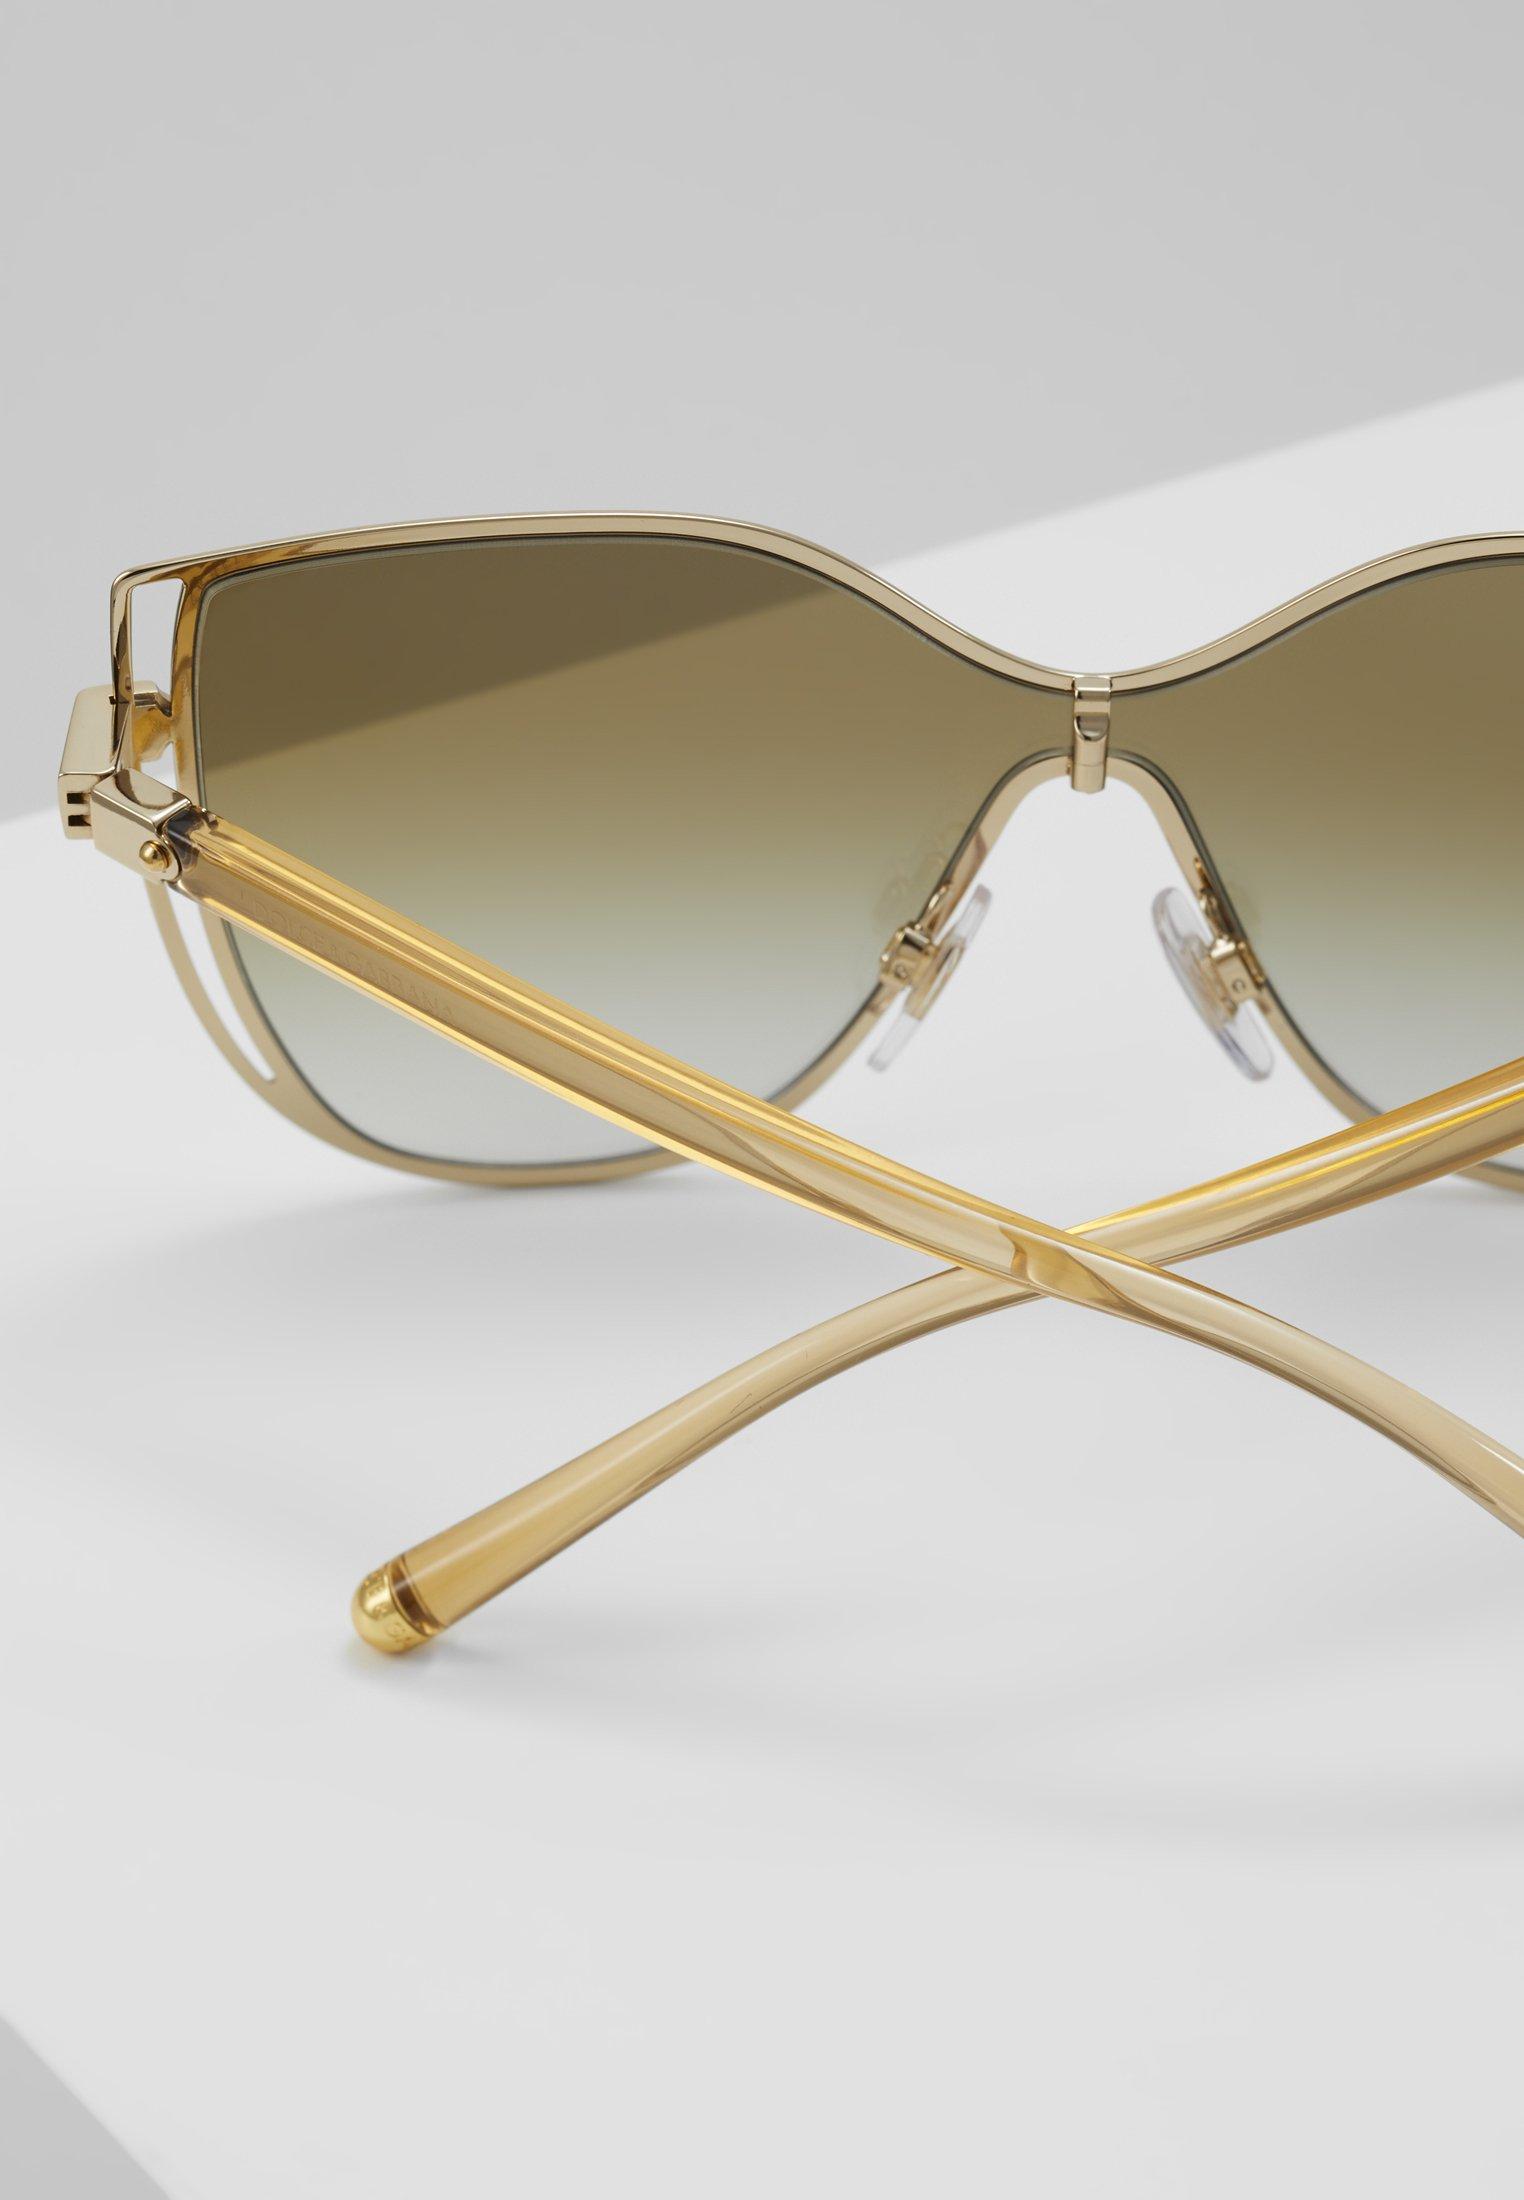 Ograniczony nowy Gorąca wyprzedaż Dolce&Gabbana Okulary przeciwsłoneczne - gold | Akcesoria damskie 2020 HwvKJ